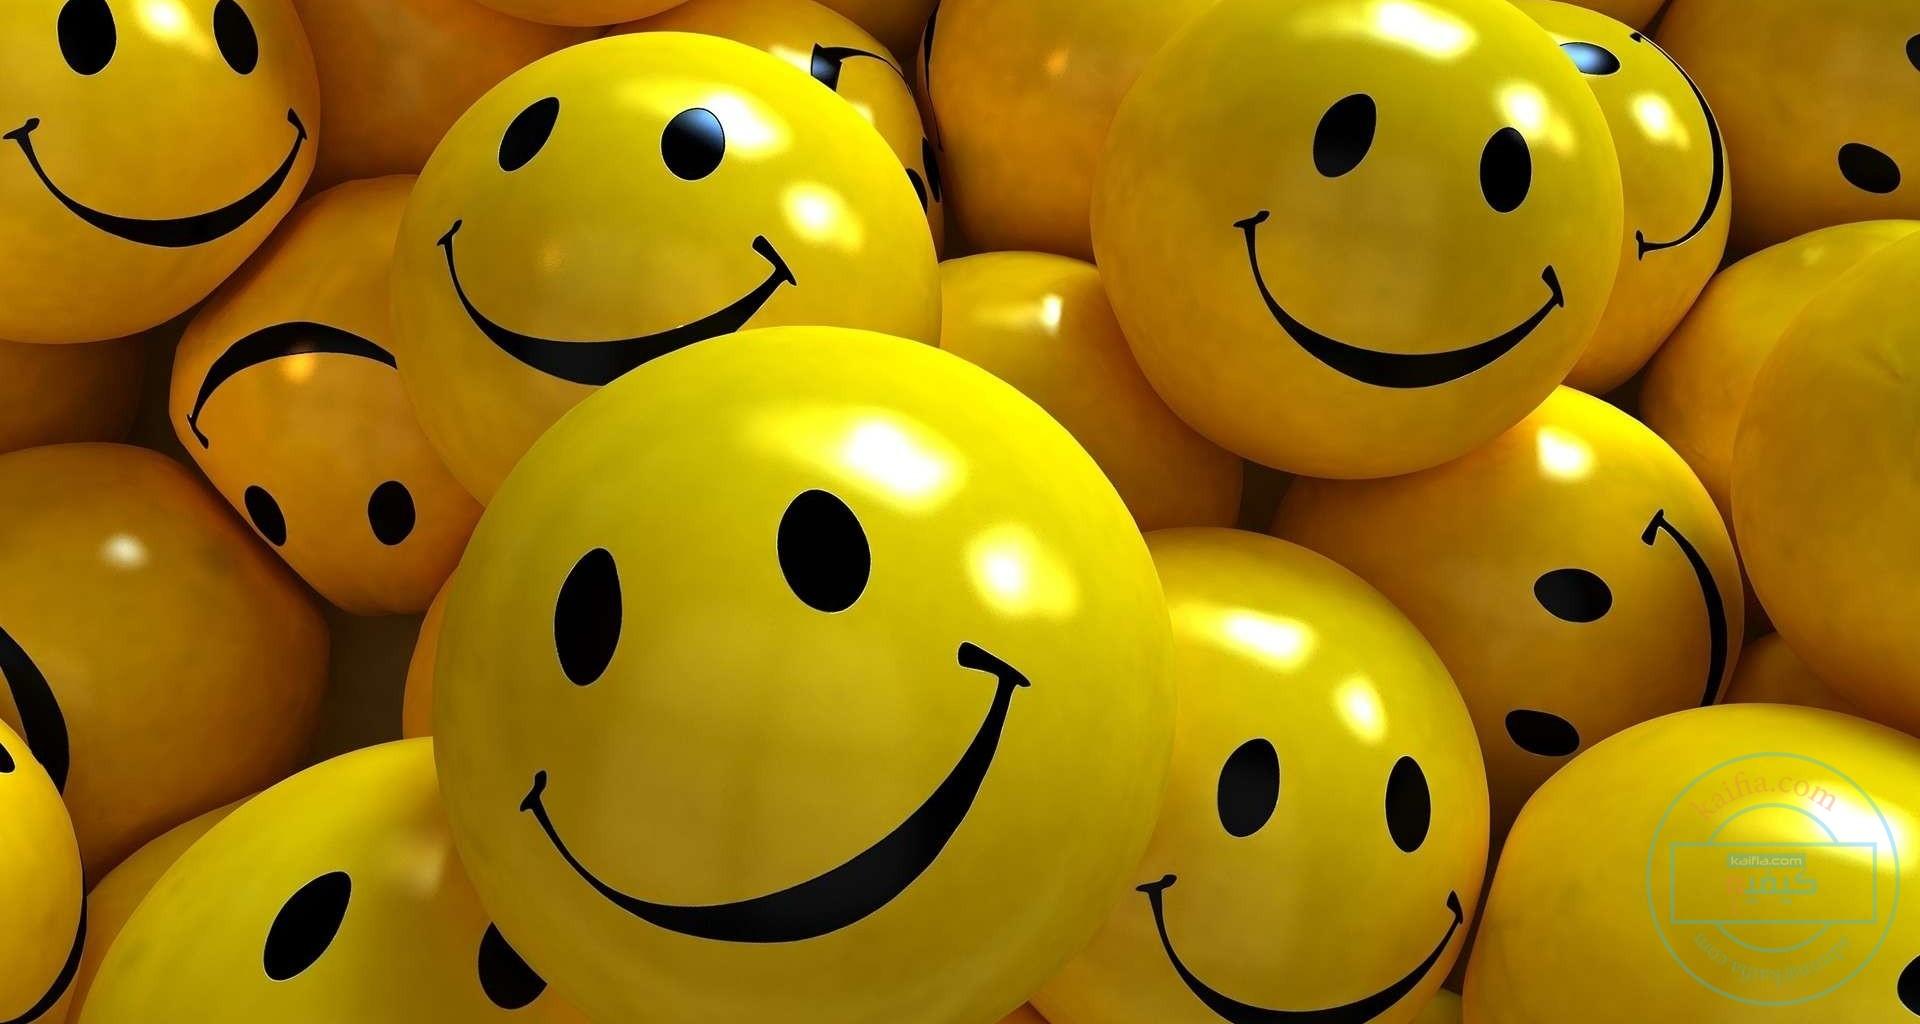 صورة كيف اكون سعيدة , موشرات للسعاده اليوميه